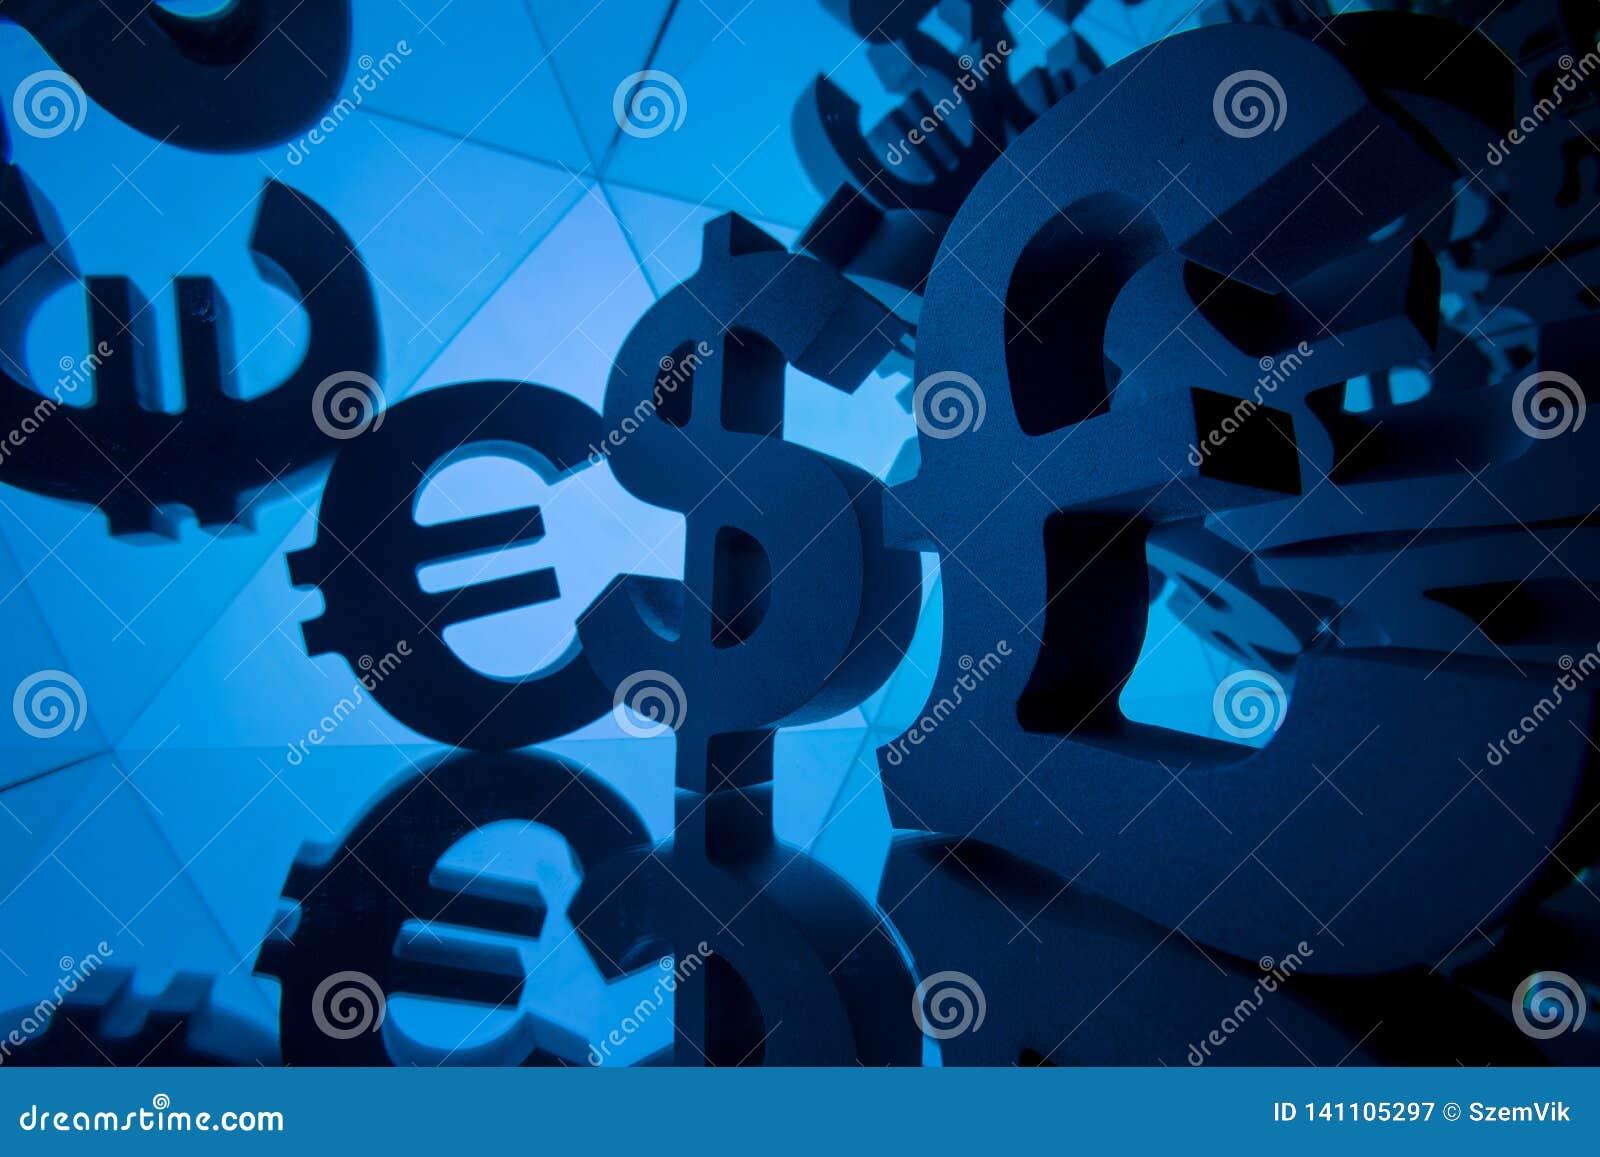 欧元、磅和美元与许多镜象的货币符号